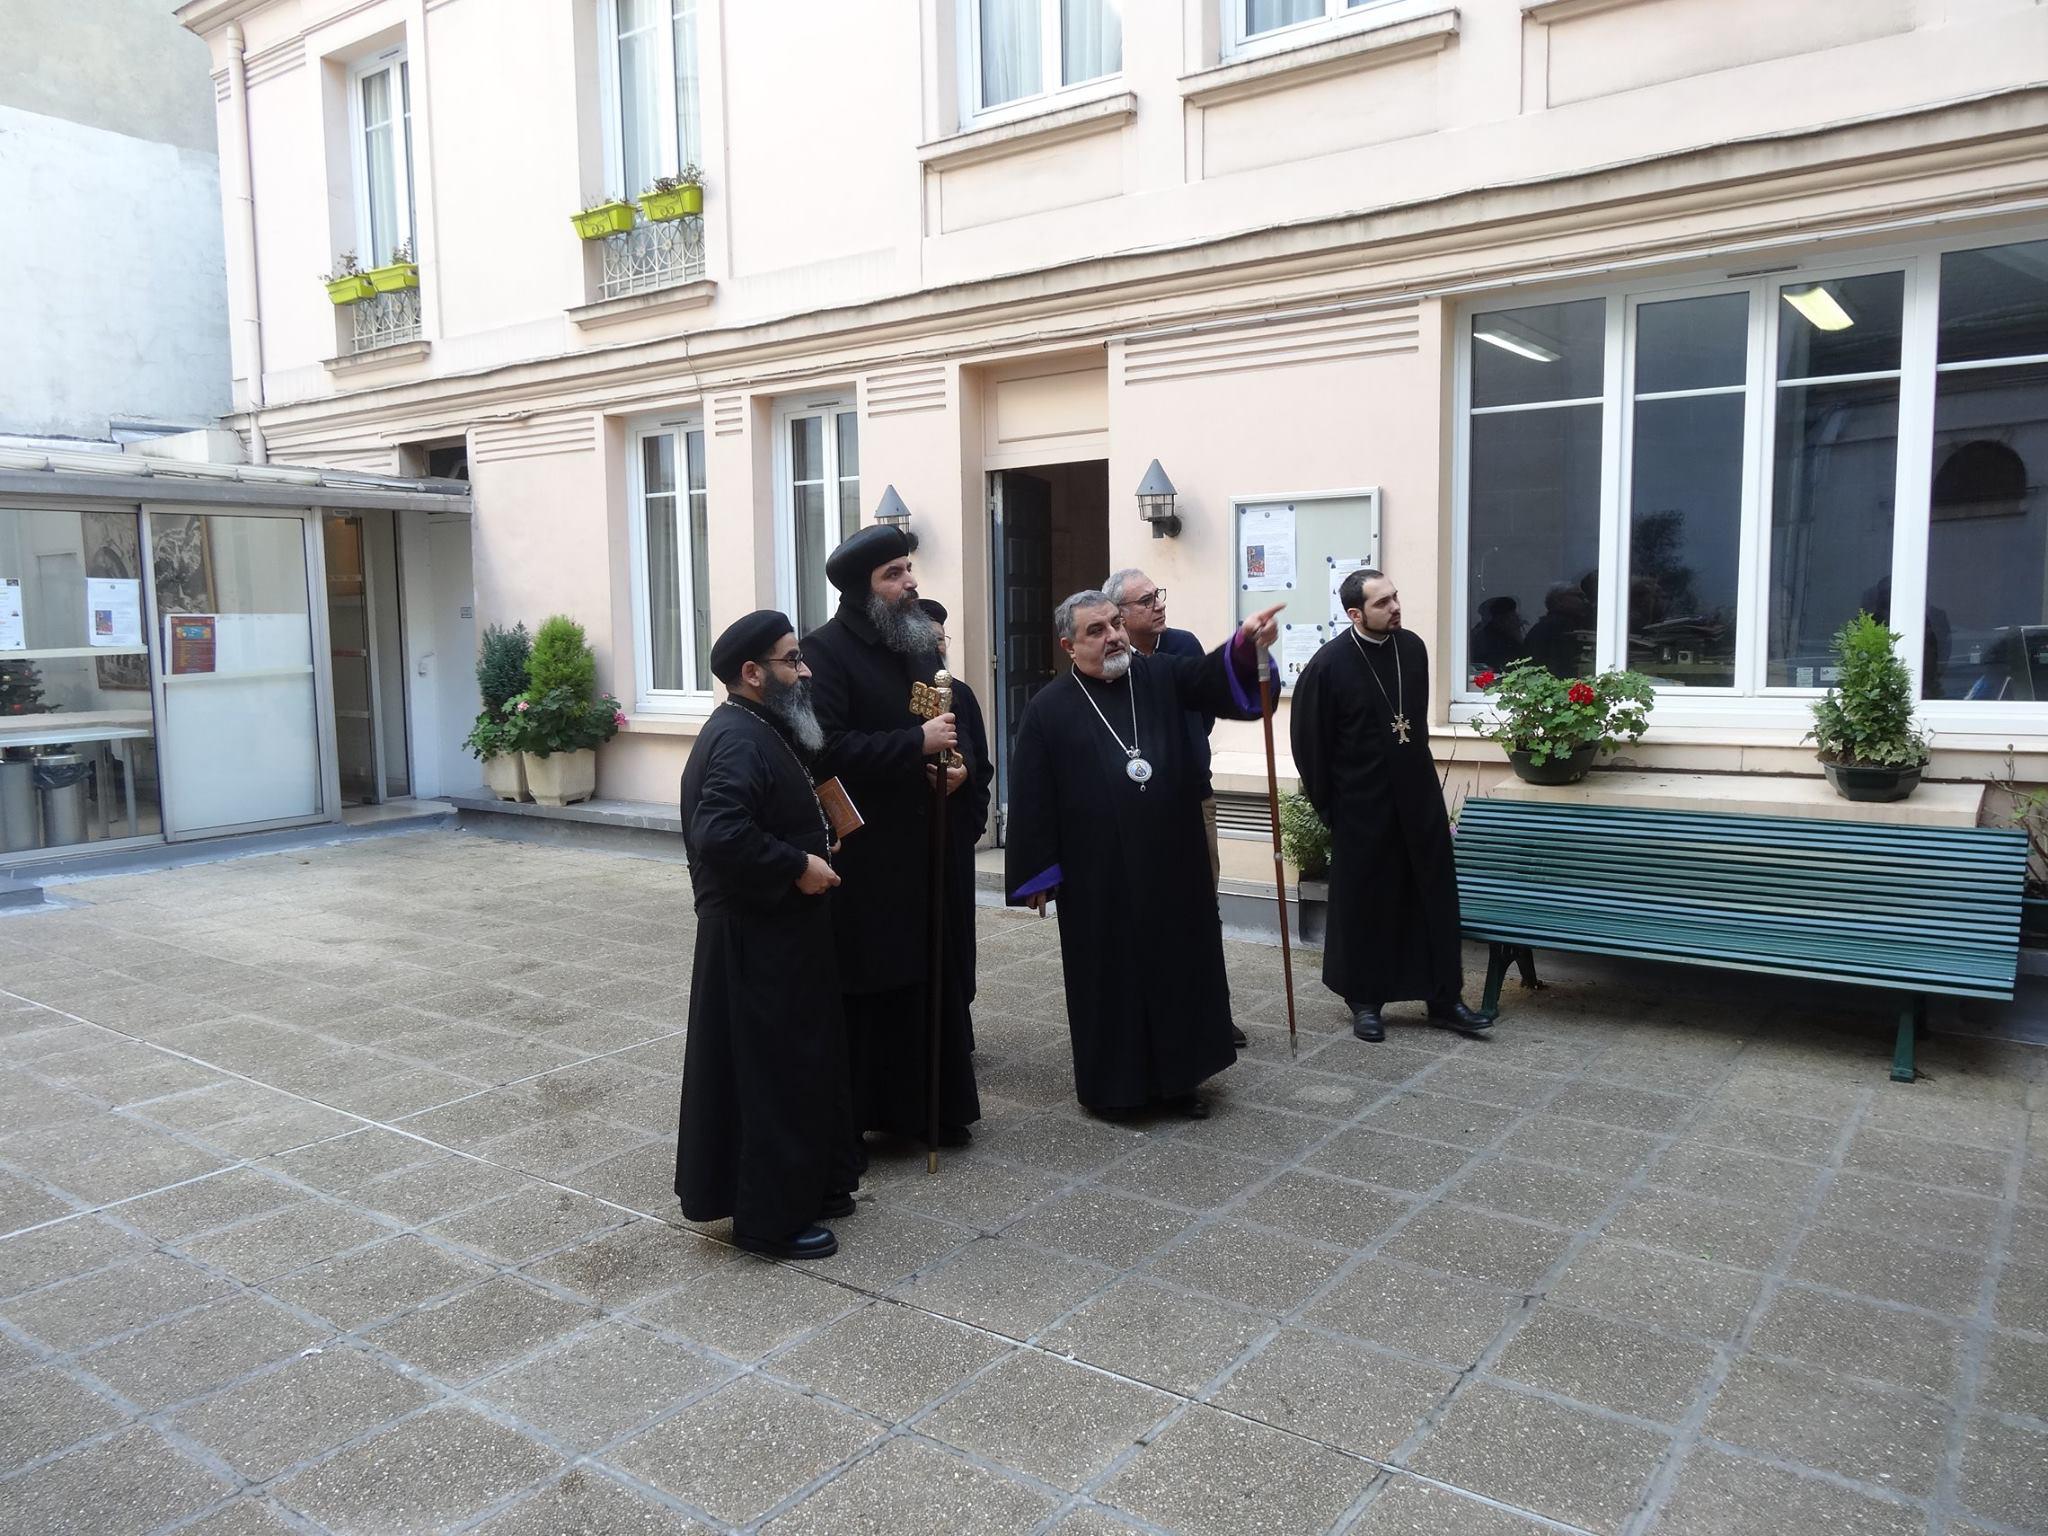 Copt11